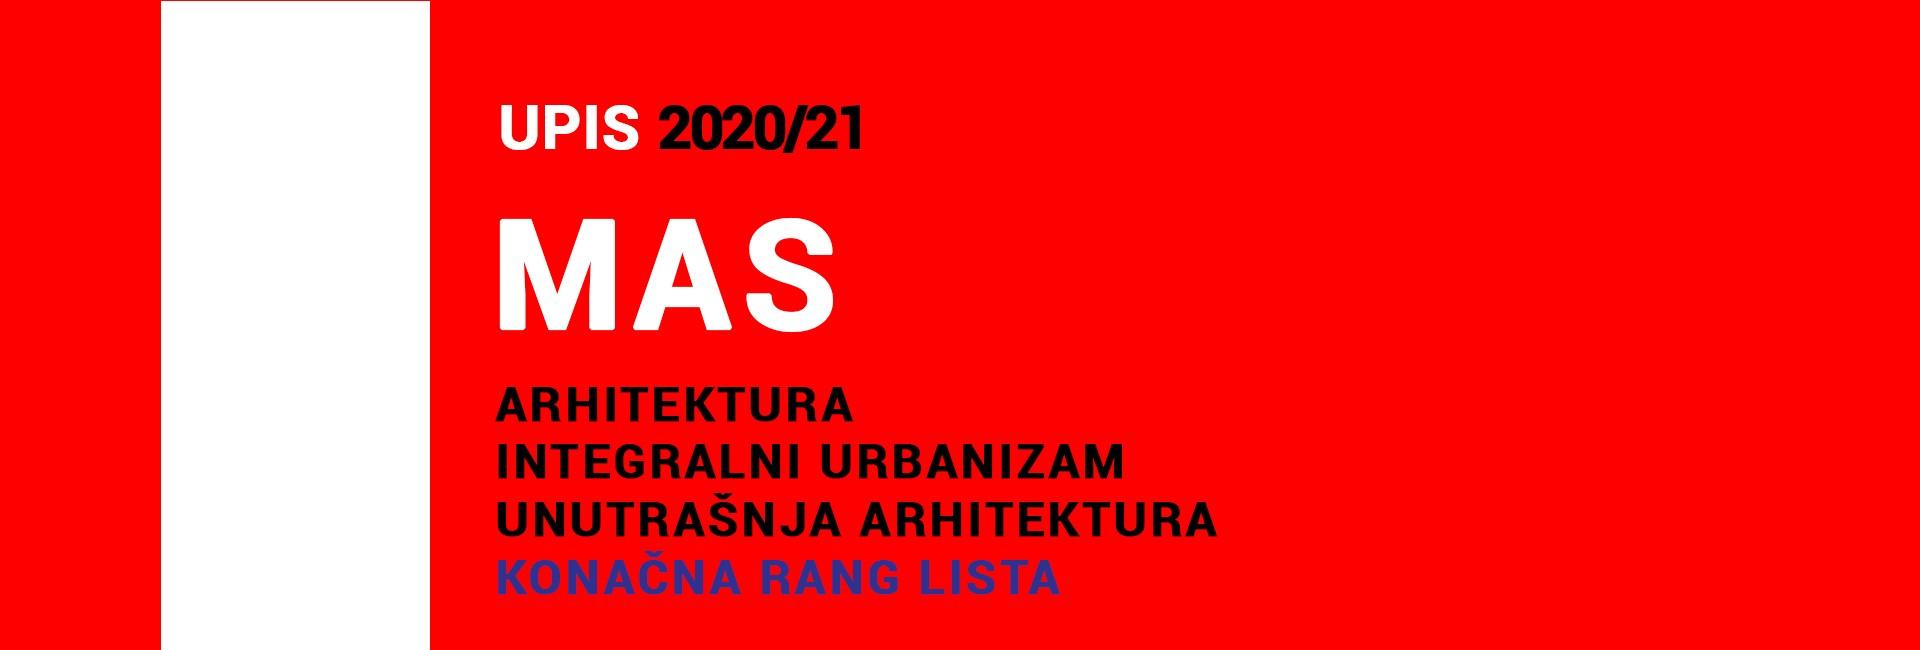 МАС 2020/21 упис – КОНАЧНЕ РАНГ ЛИСТЕ